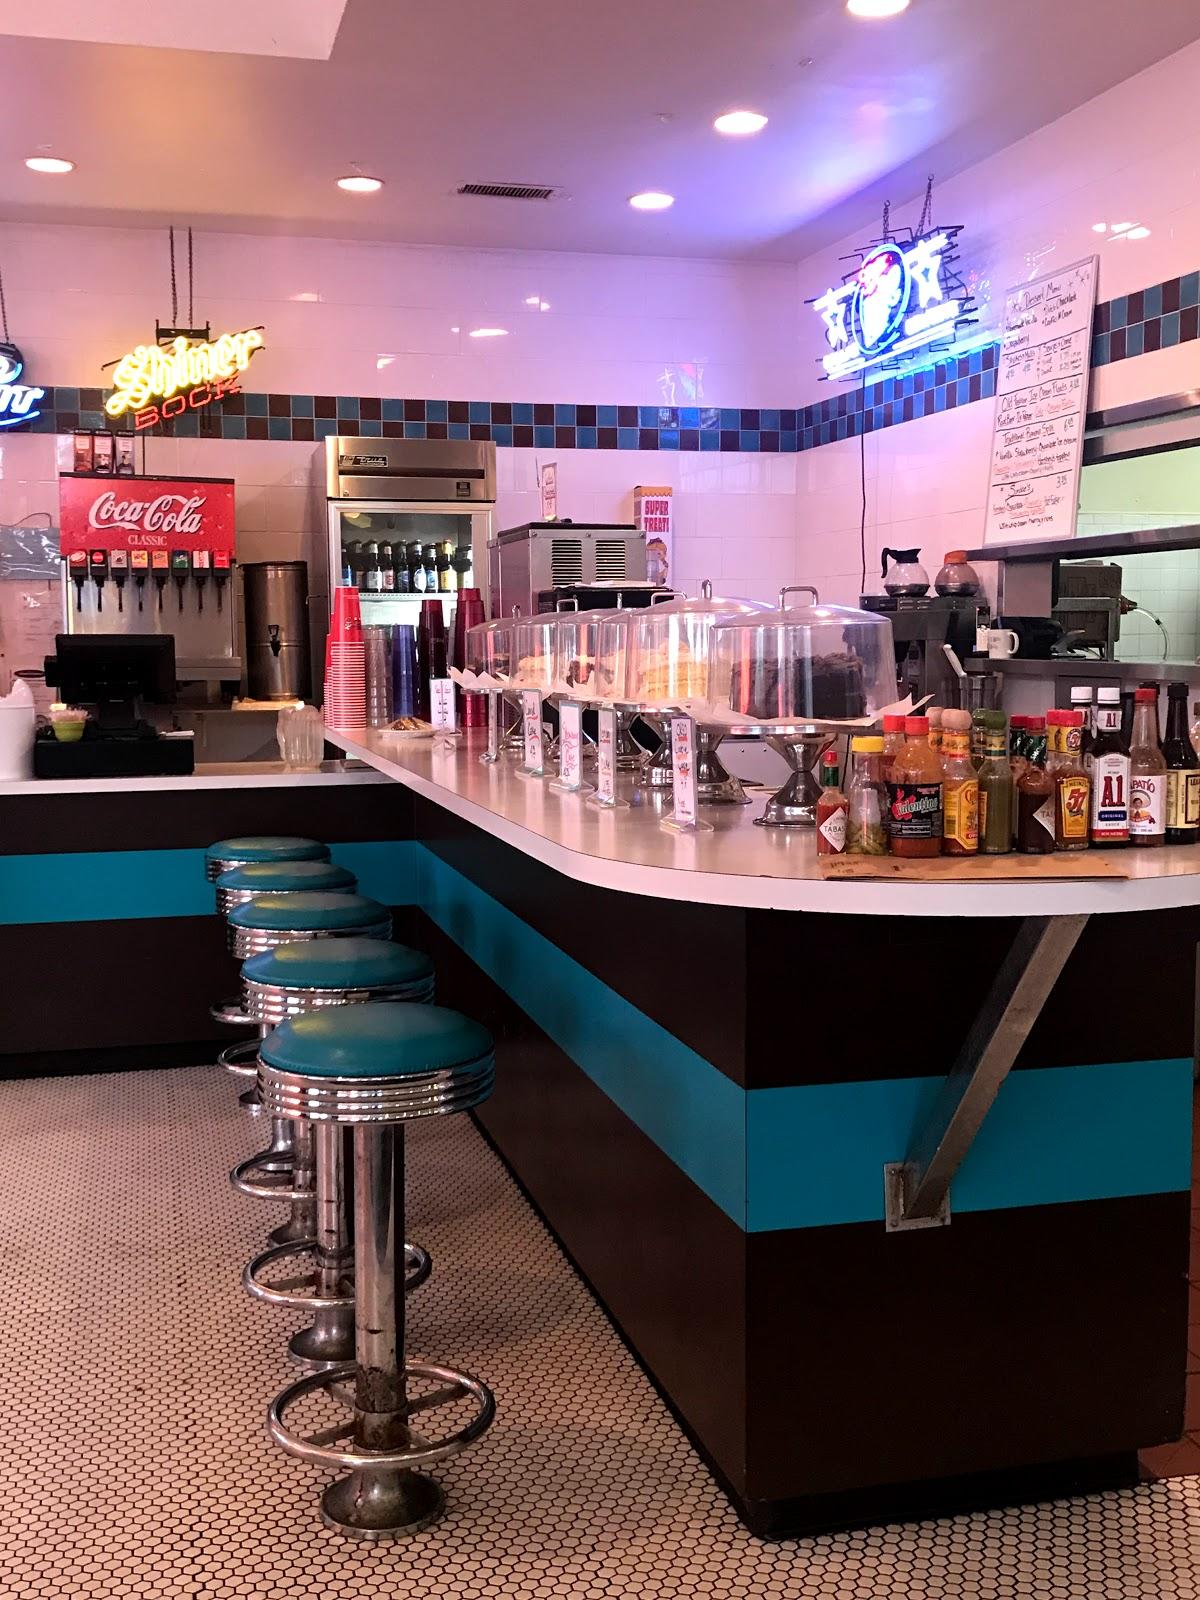 Image: Inside Honky's burger bar in Bishop Arts District